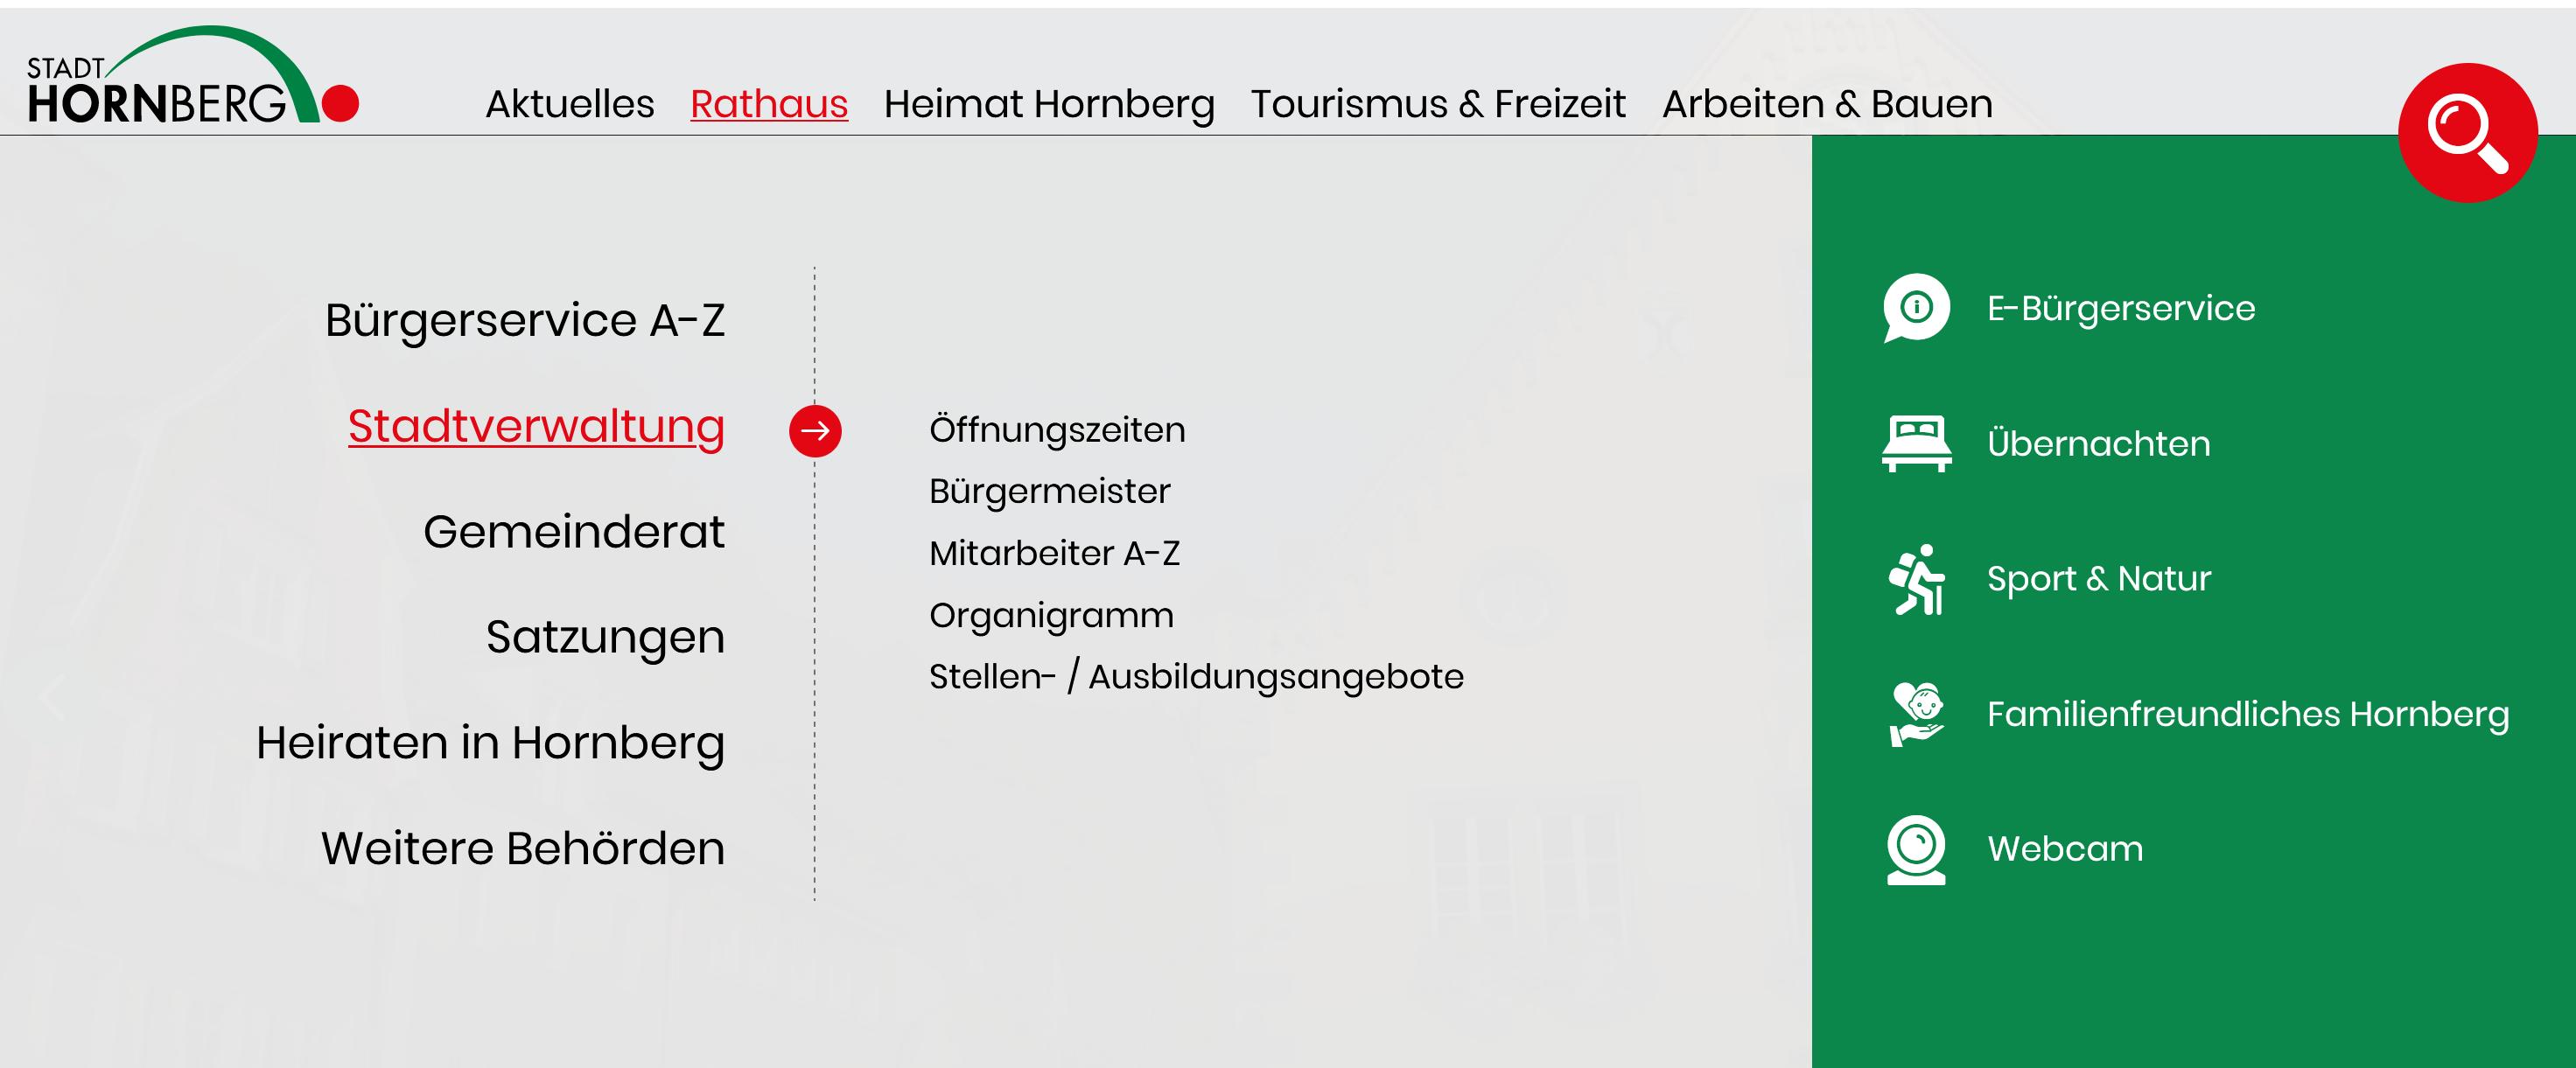 Menü von der Stadt Hornberg